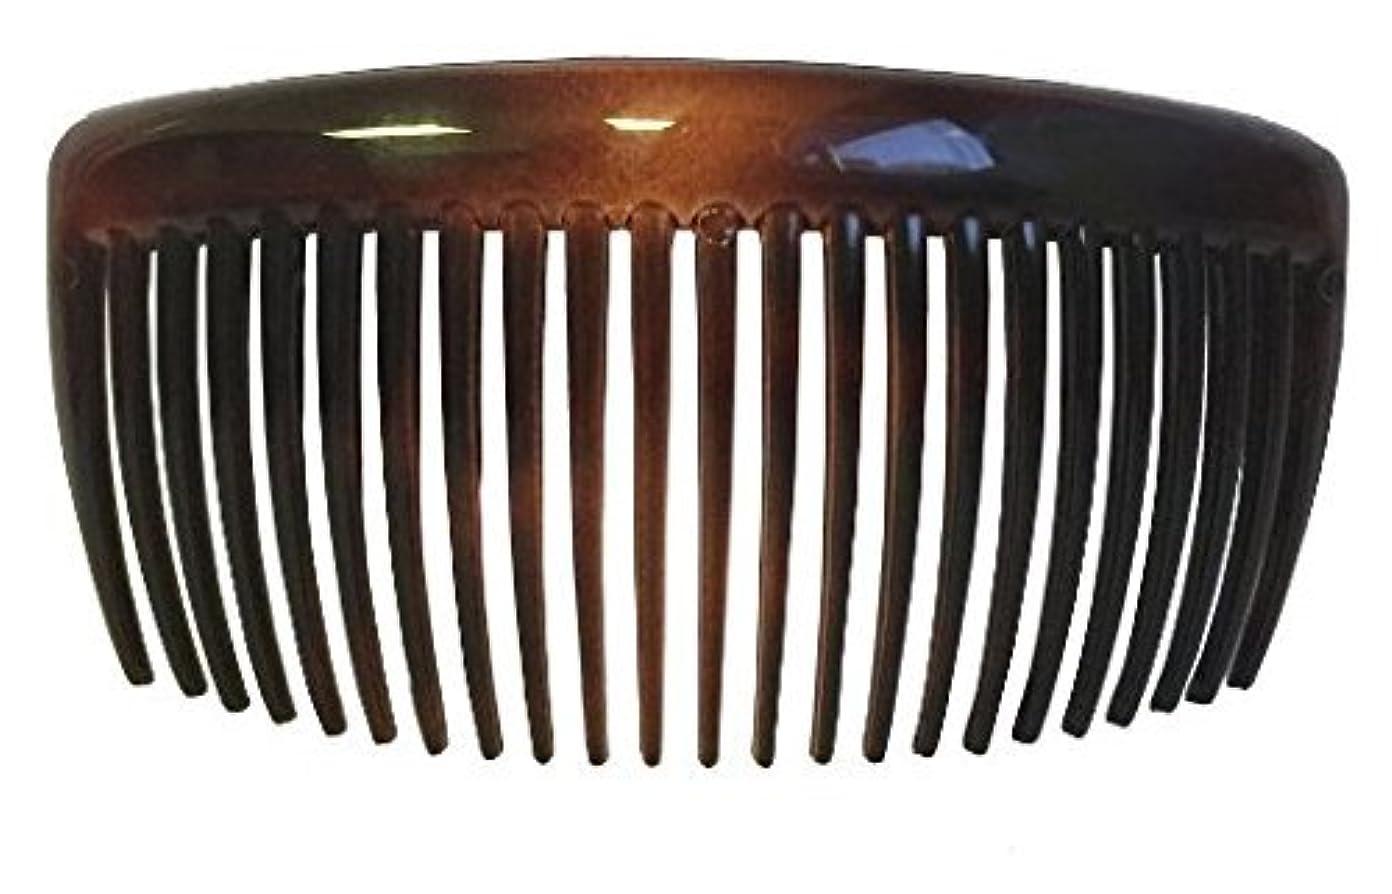 ピカリング敵エアコンParcelona French Large 2 Pieces Glossy Celluloid Shell Good Grip Updo 23 Teeth Hair Side Combs 4.25 Inches for Thick Long Hair [並行輸入品]